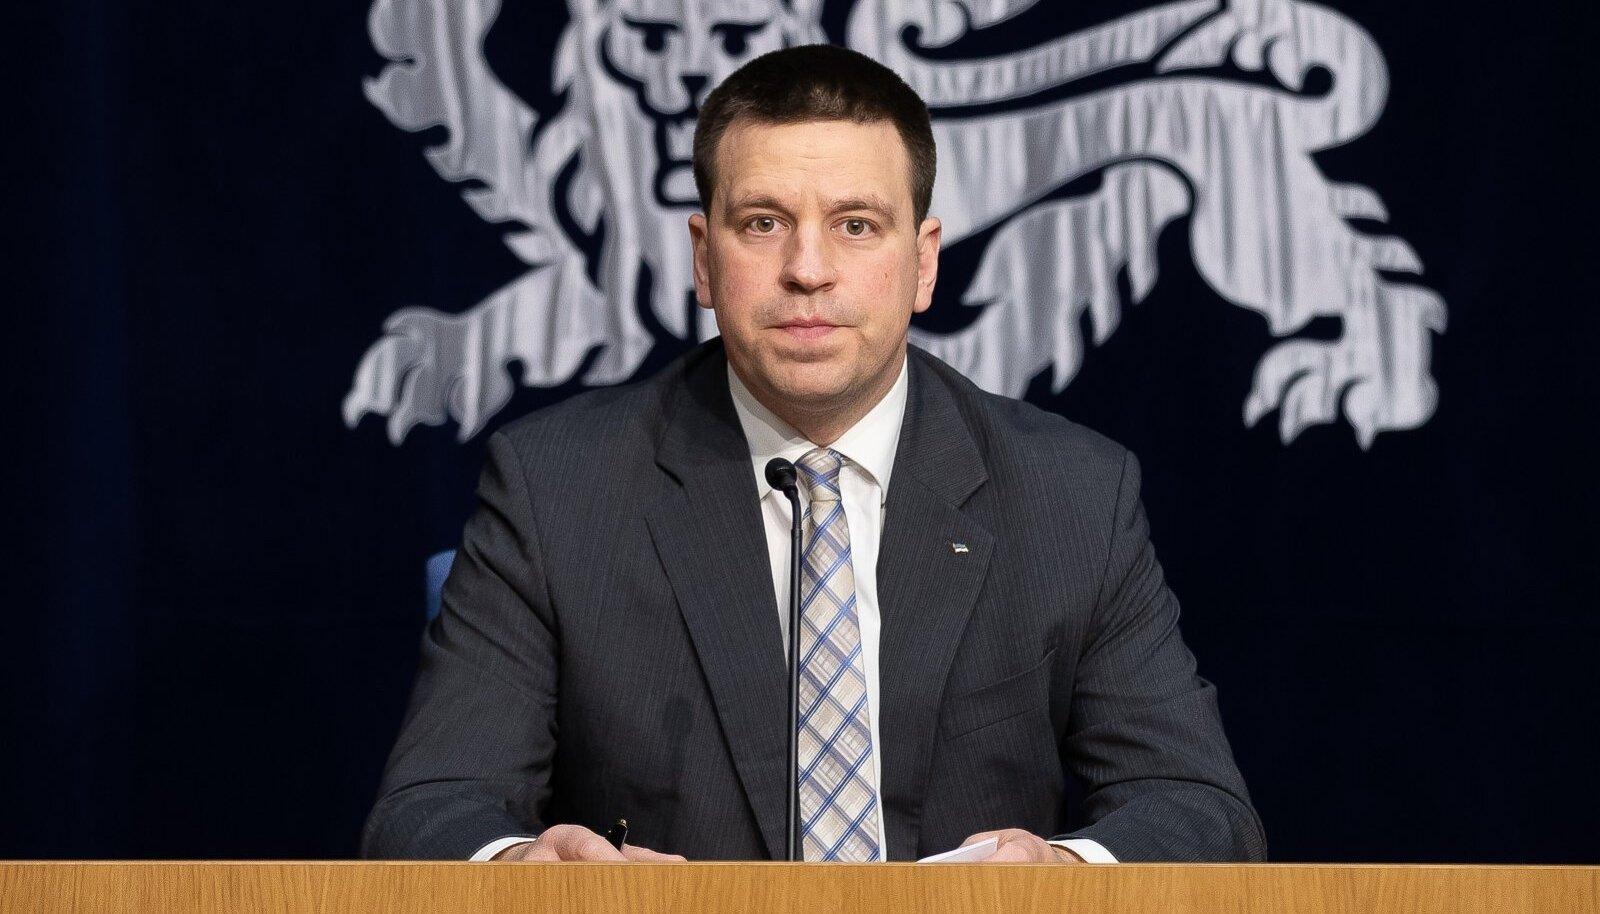 Tallinn, 26.03.2020. Valitsuse pressikonverents ühendministeeriumis